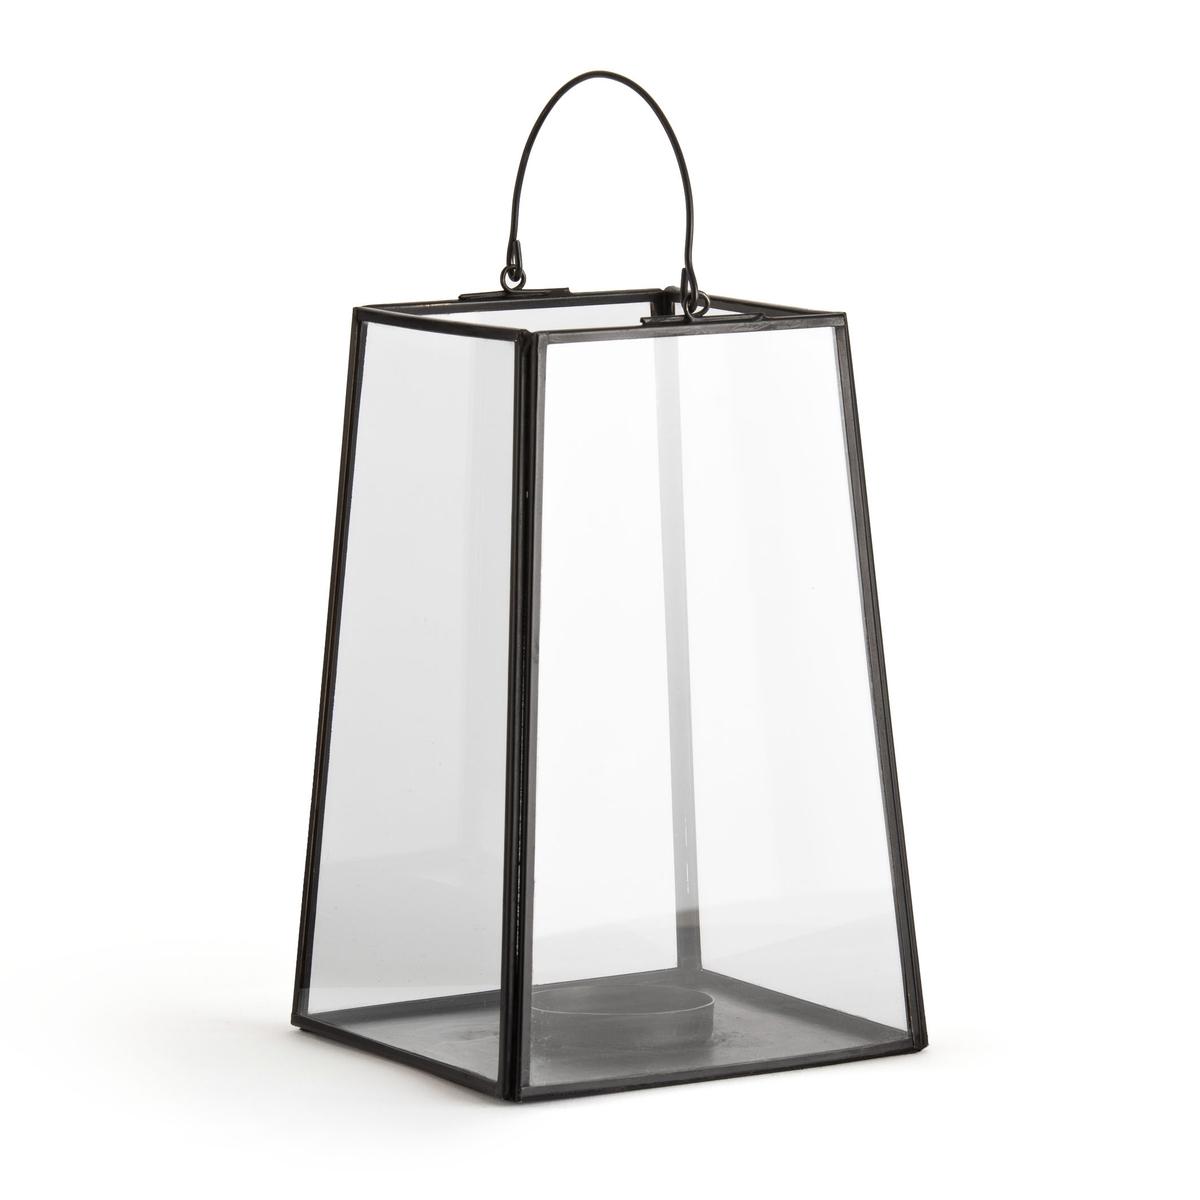 Подсвечник LaRedoute Из стекла и латуни или металла черного цвета Uyova единый размер черный